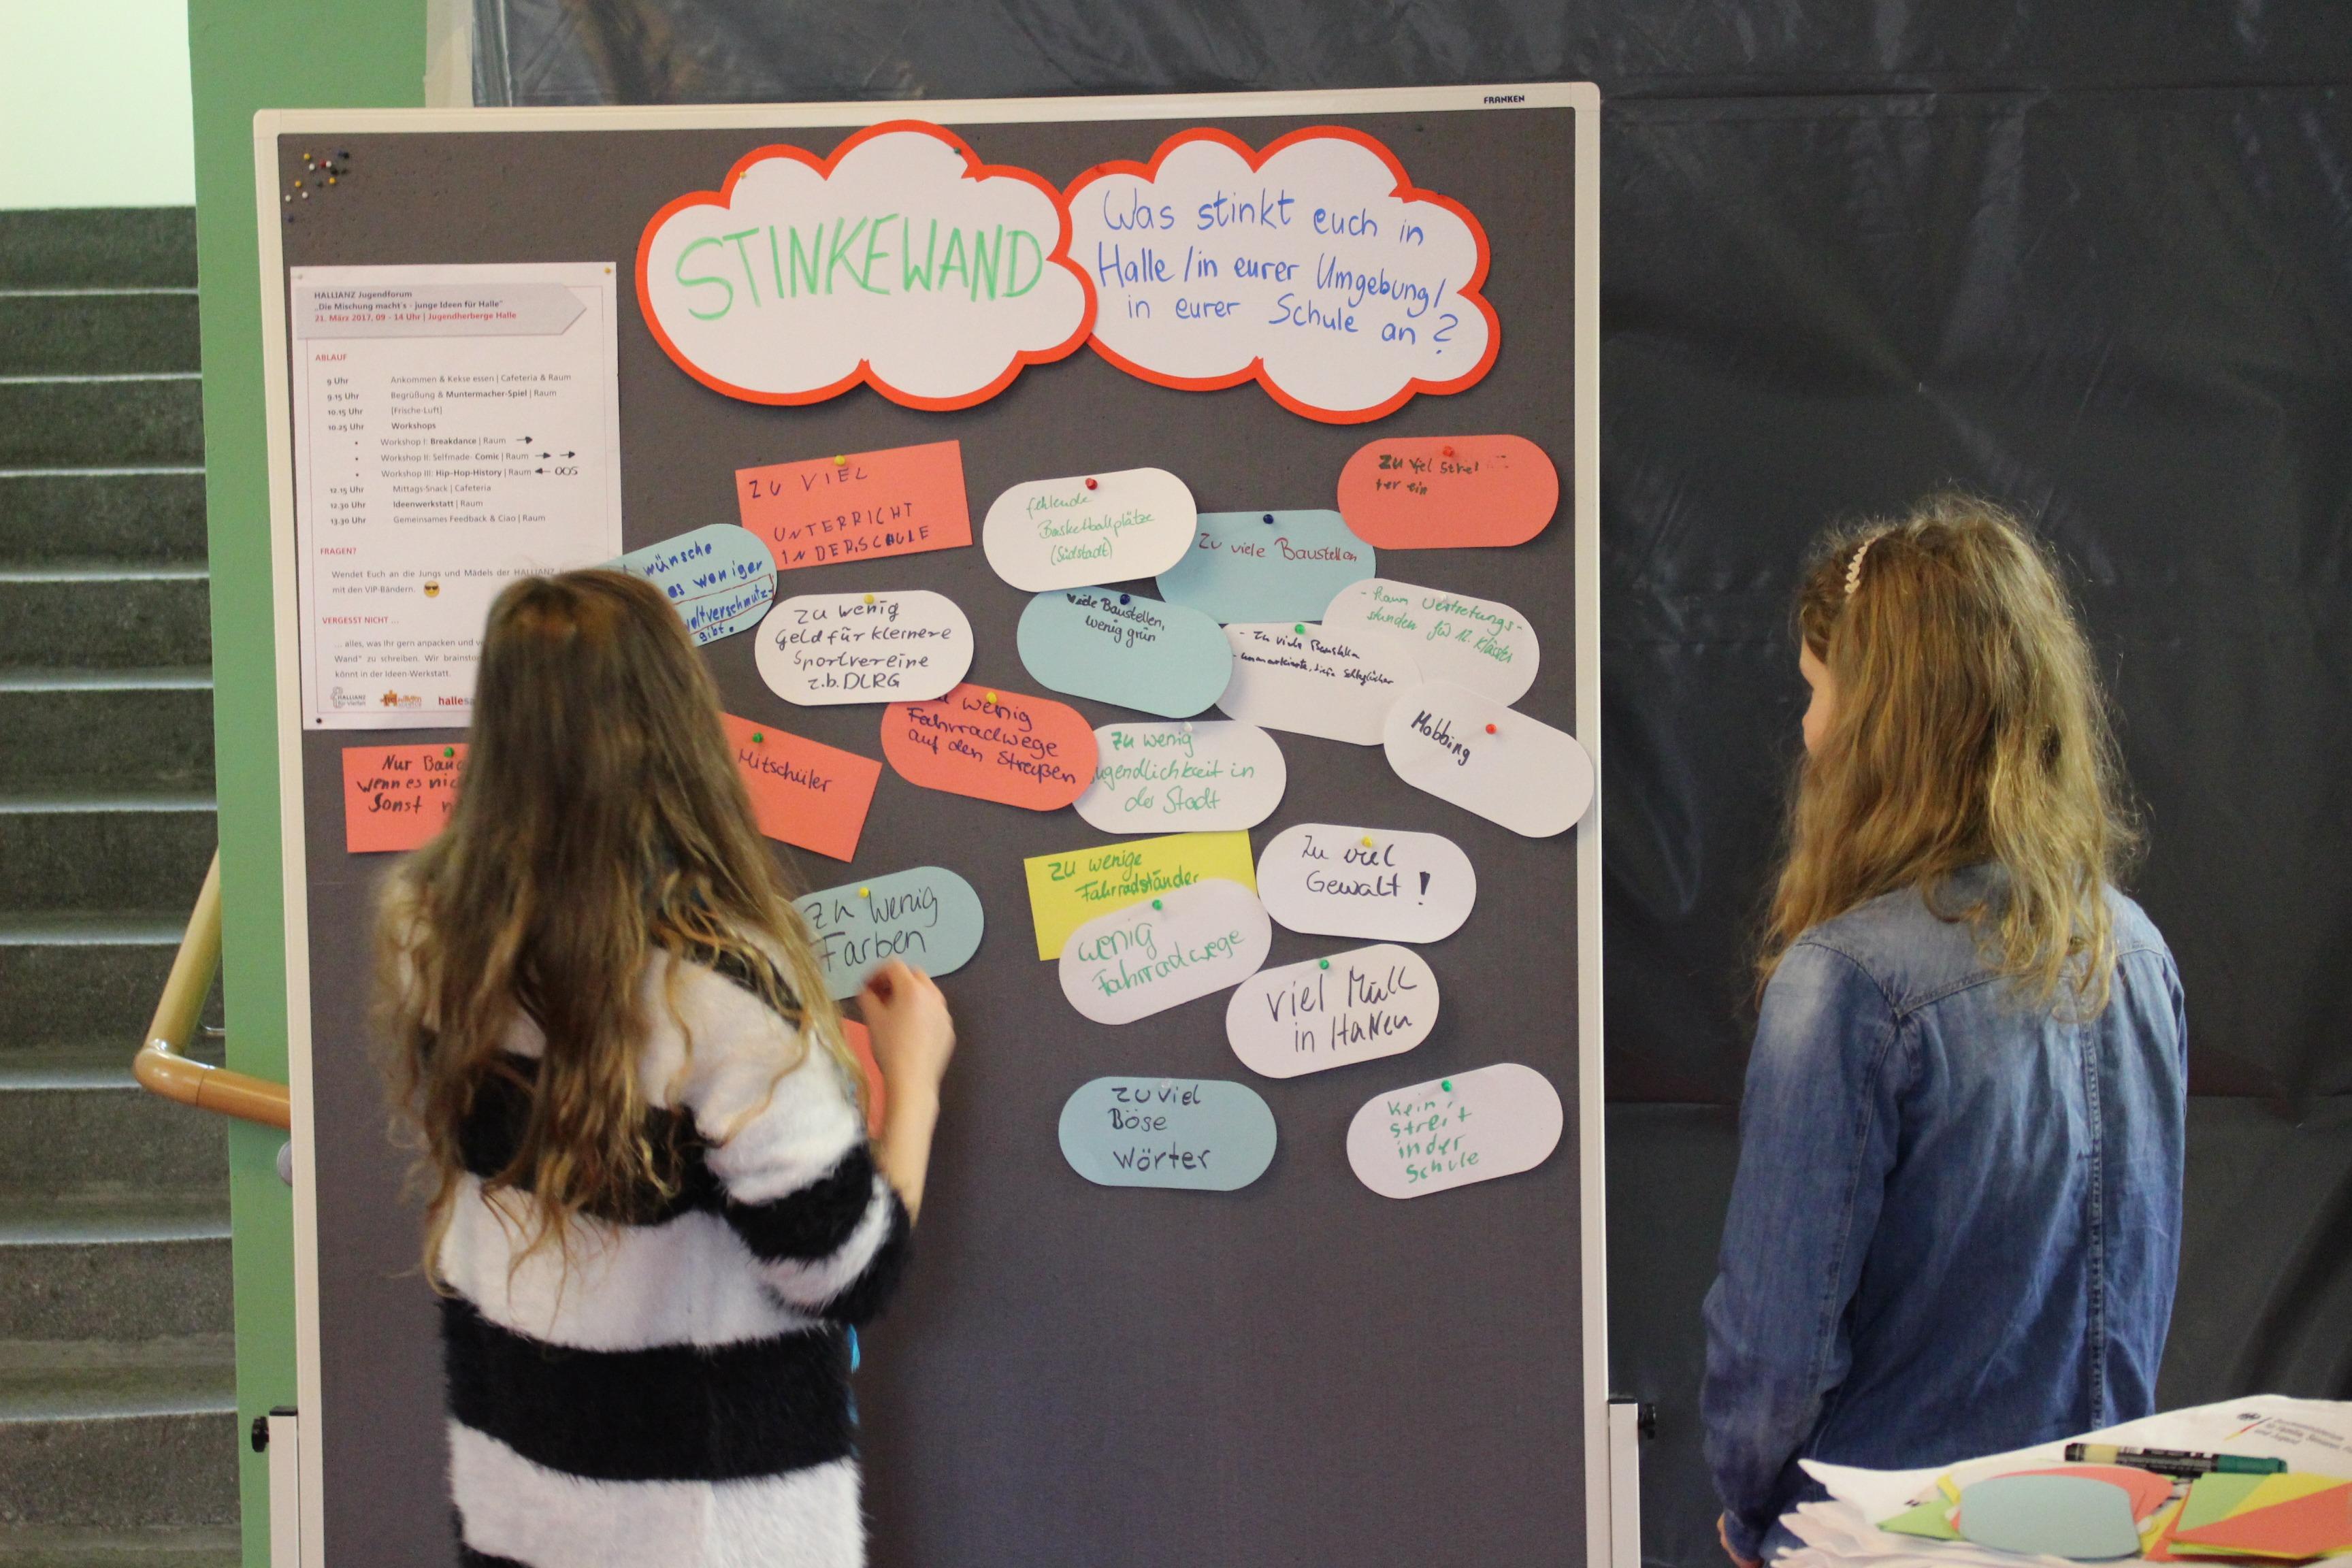 Zwei Jugendliche stehen vor einer Pinnwand.